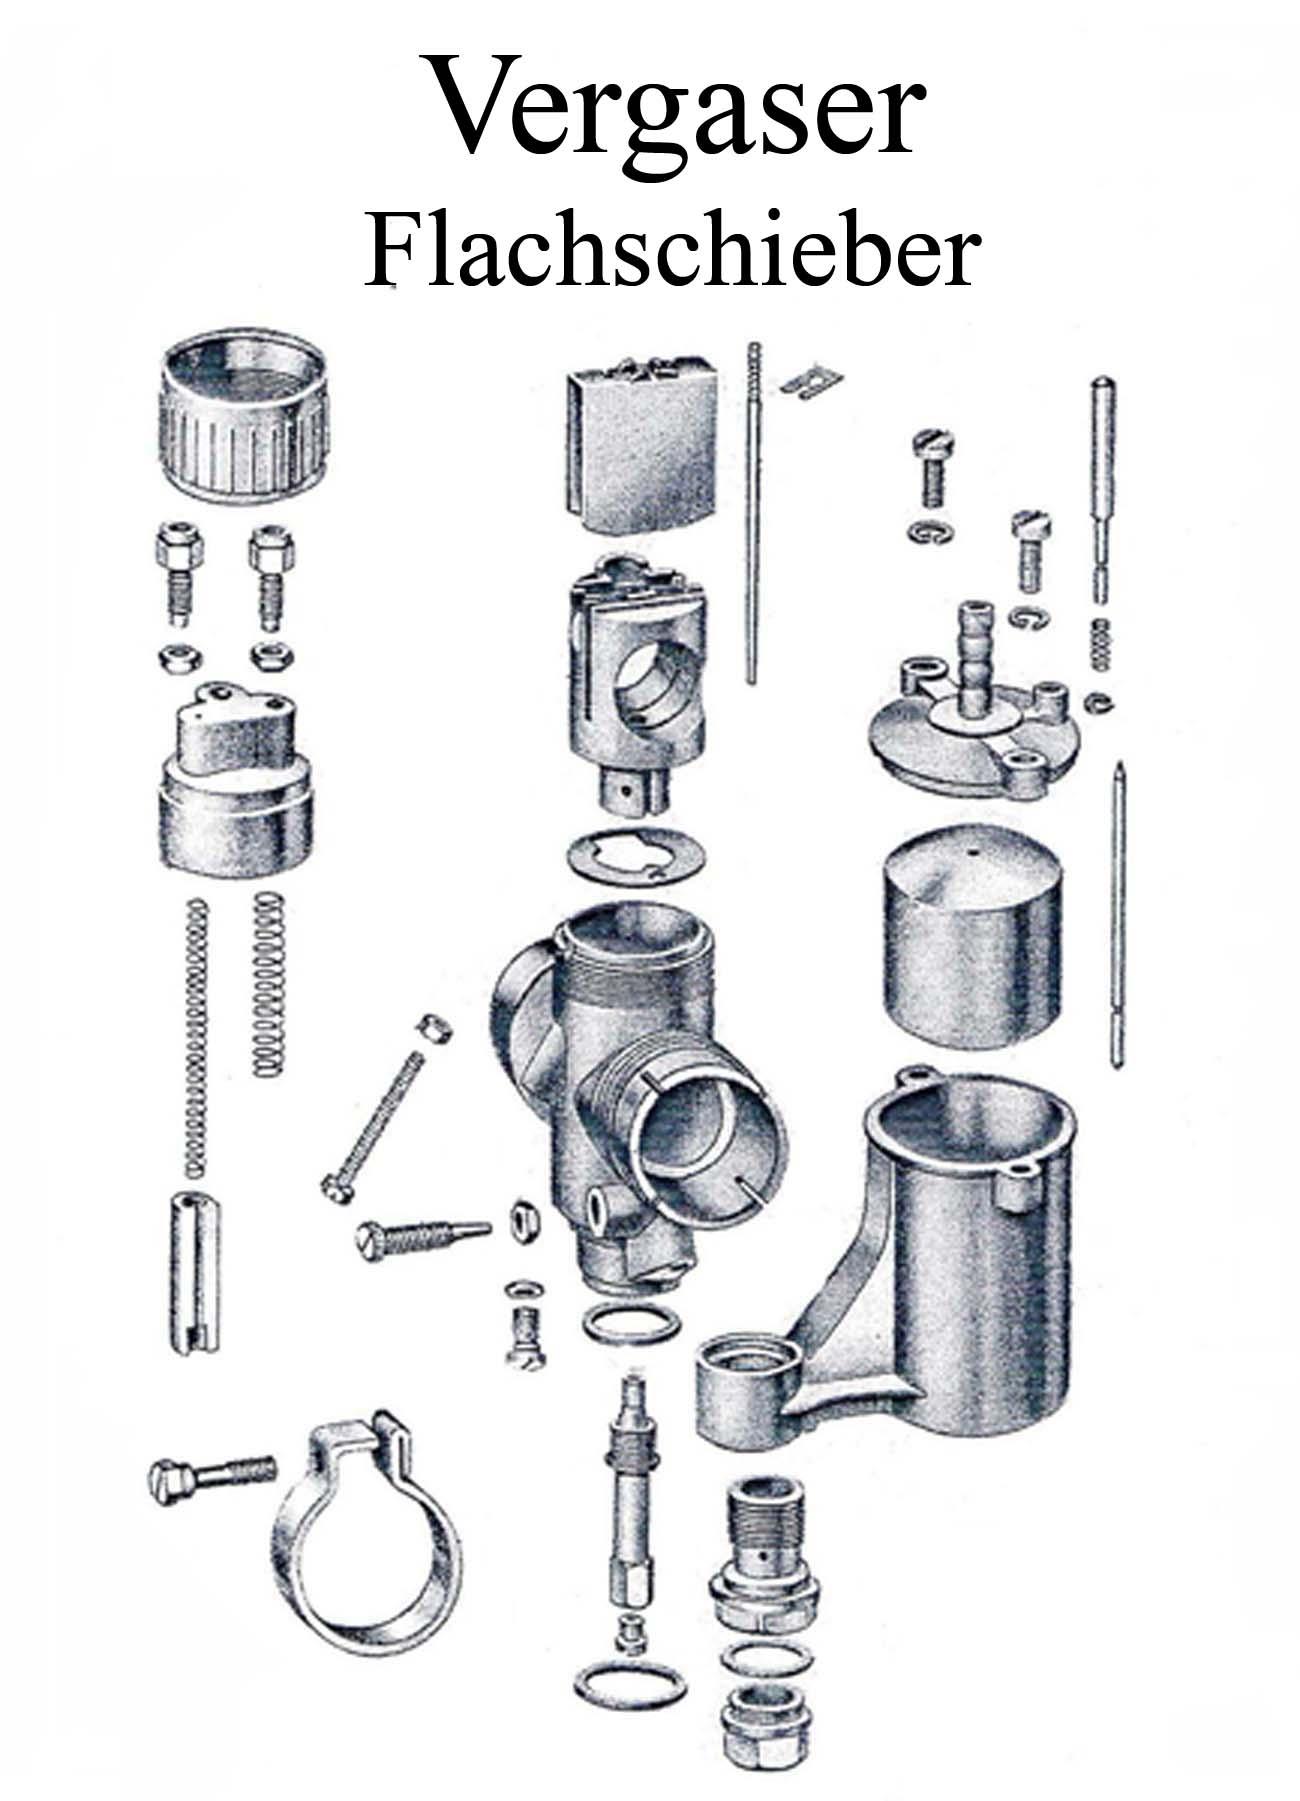 DDR-Motorrad MZ ES 175-250/0-1 Ersatzteileliste BVF Vergaser Flachschieber N261-271 Schwimmer Teillastnadelhalter Düse Dichtung Reparaturset